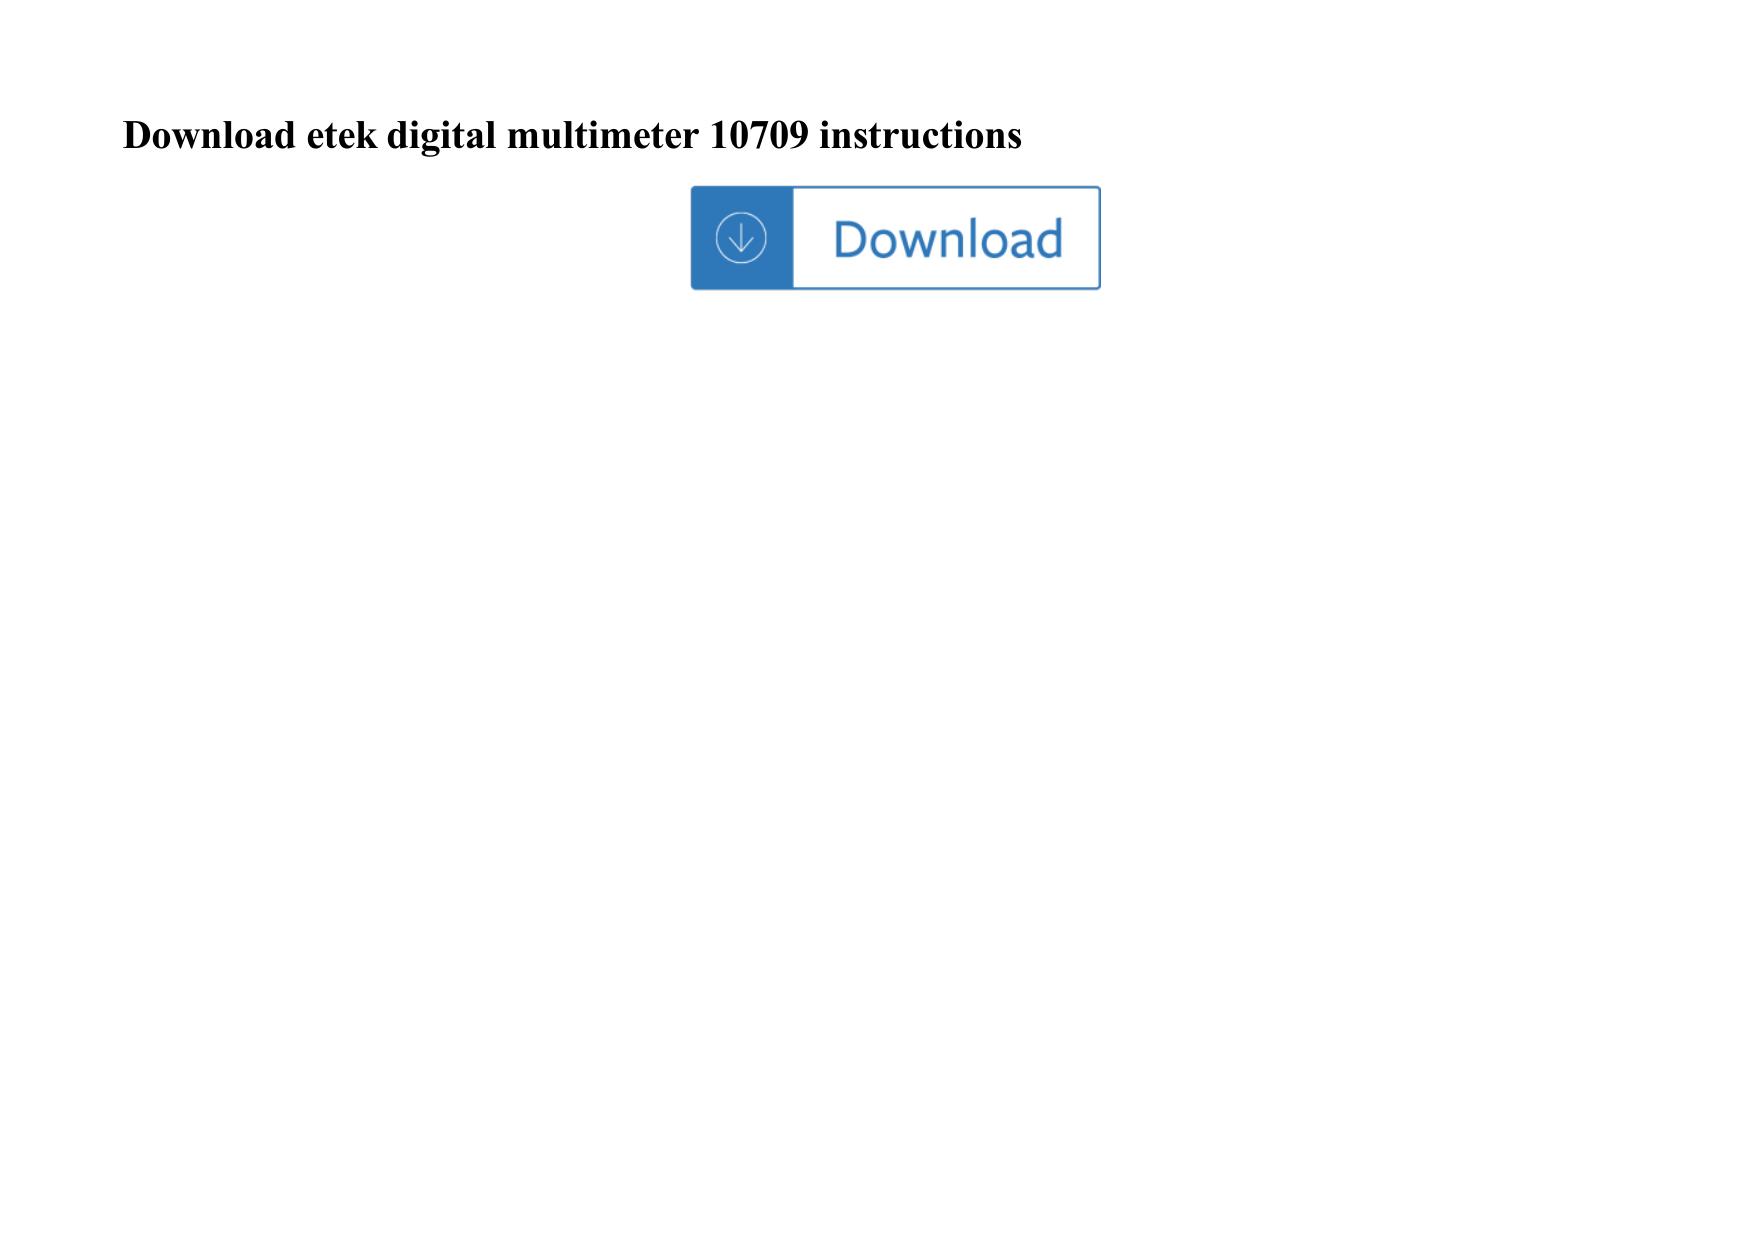 Etek Digital Multimeter 10709 Instructions